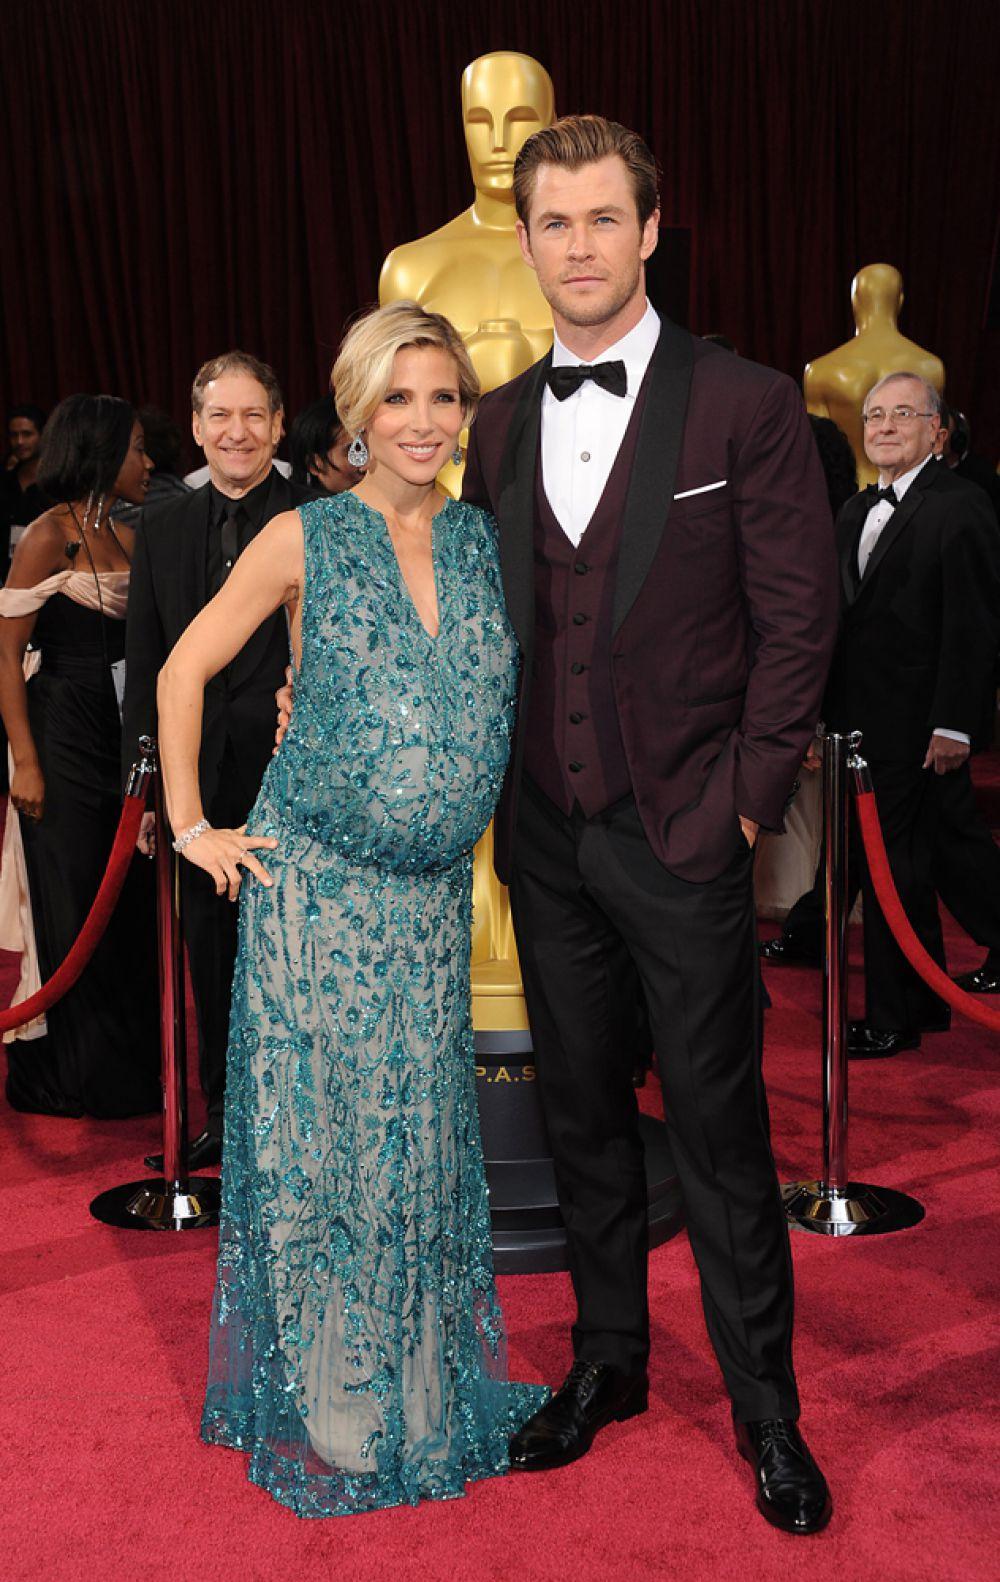 Звезда «Тора» Крис Хемсворт и его жена-актриса Эльза Патаки были в шоке, впервые побывав на узи: близнецы! В марте у пары родились сыновья Тристан и Саша. У Криса и Эльзы есть еще и дочь Индия Роуз Хемсворт, которая родилась 11 мая 2012 года.